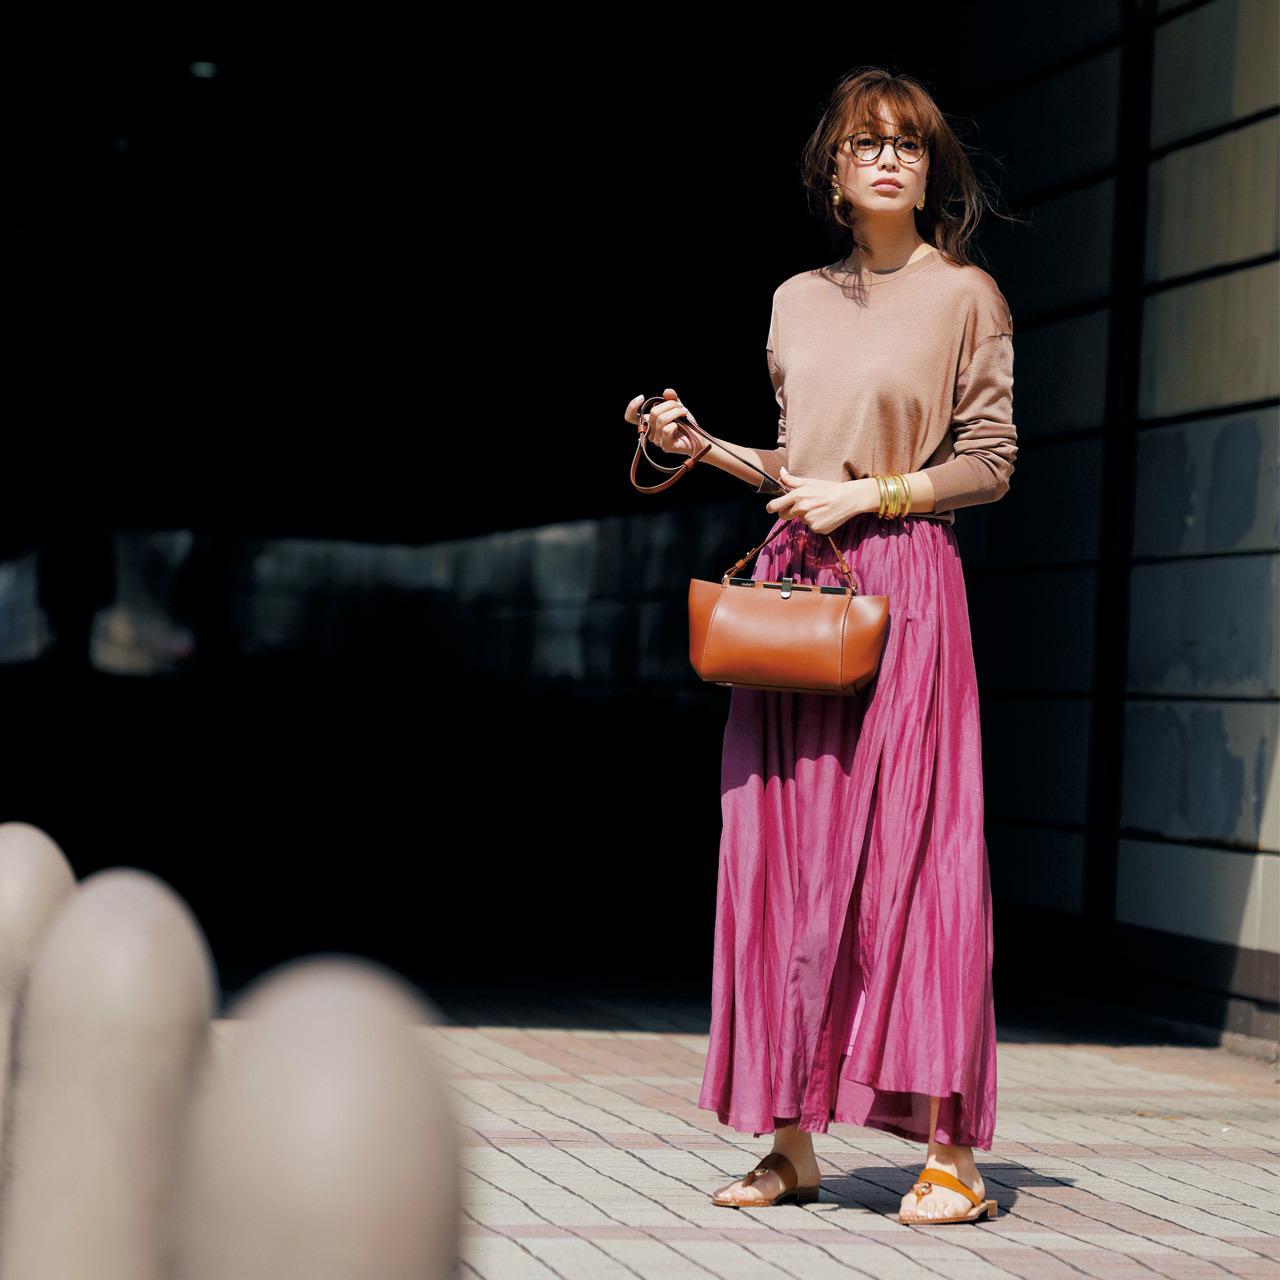 <キャメルのハイゲージニット+大人ピンクのシルクマキシスカート>